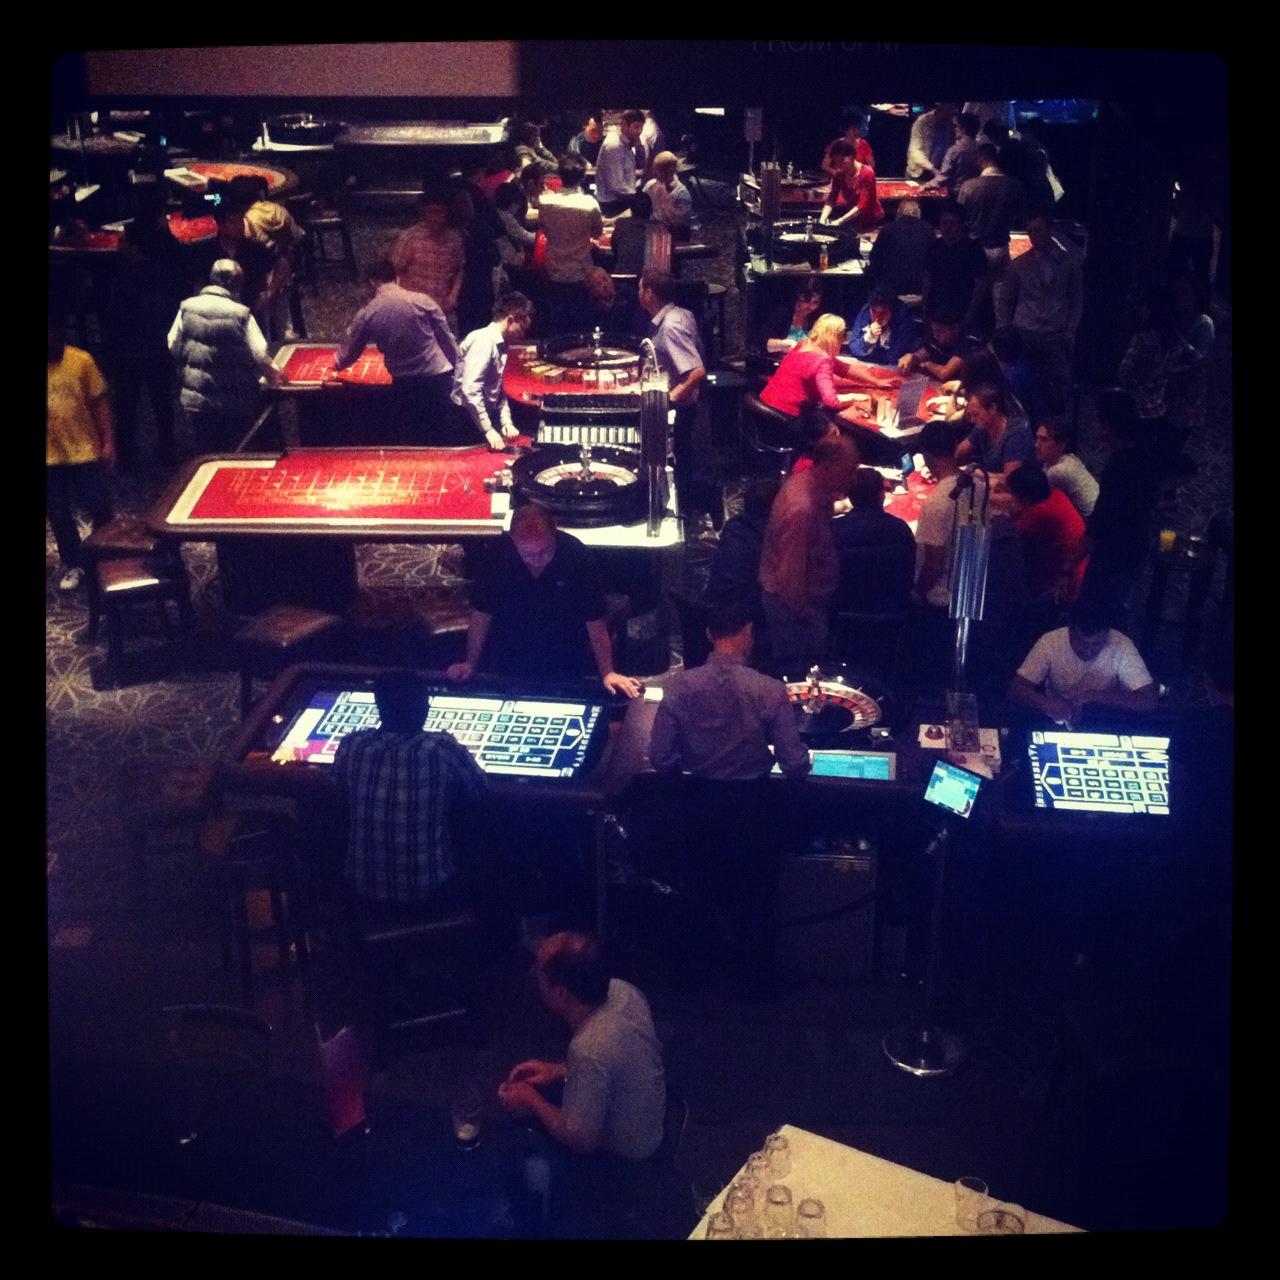 Casino lsq